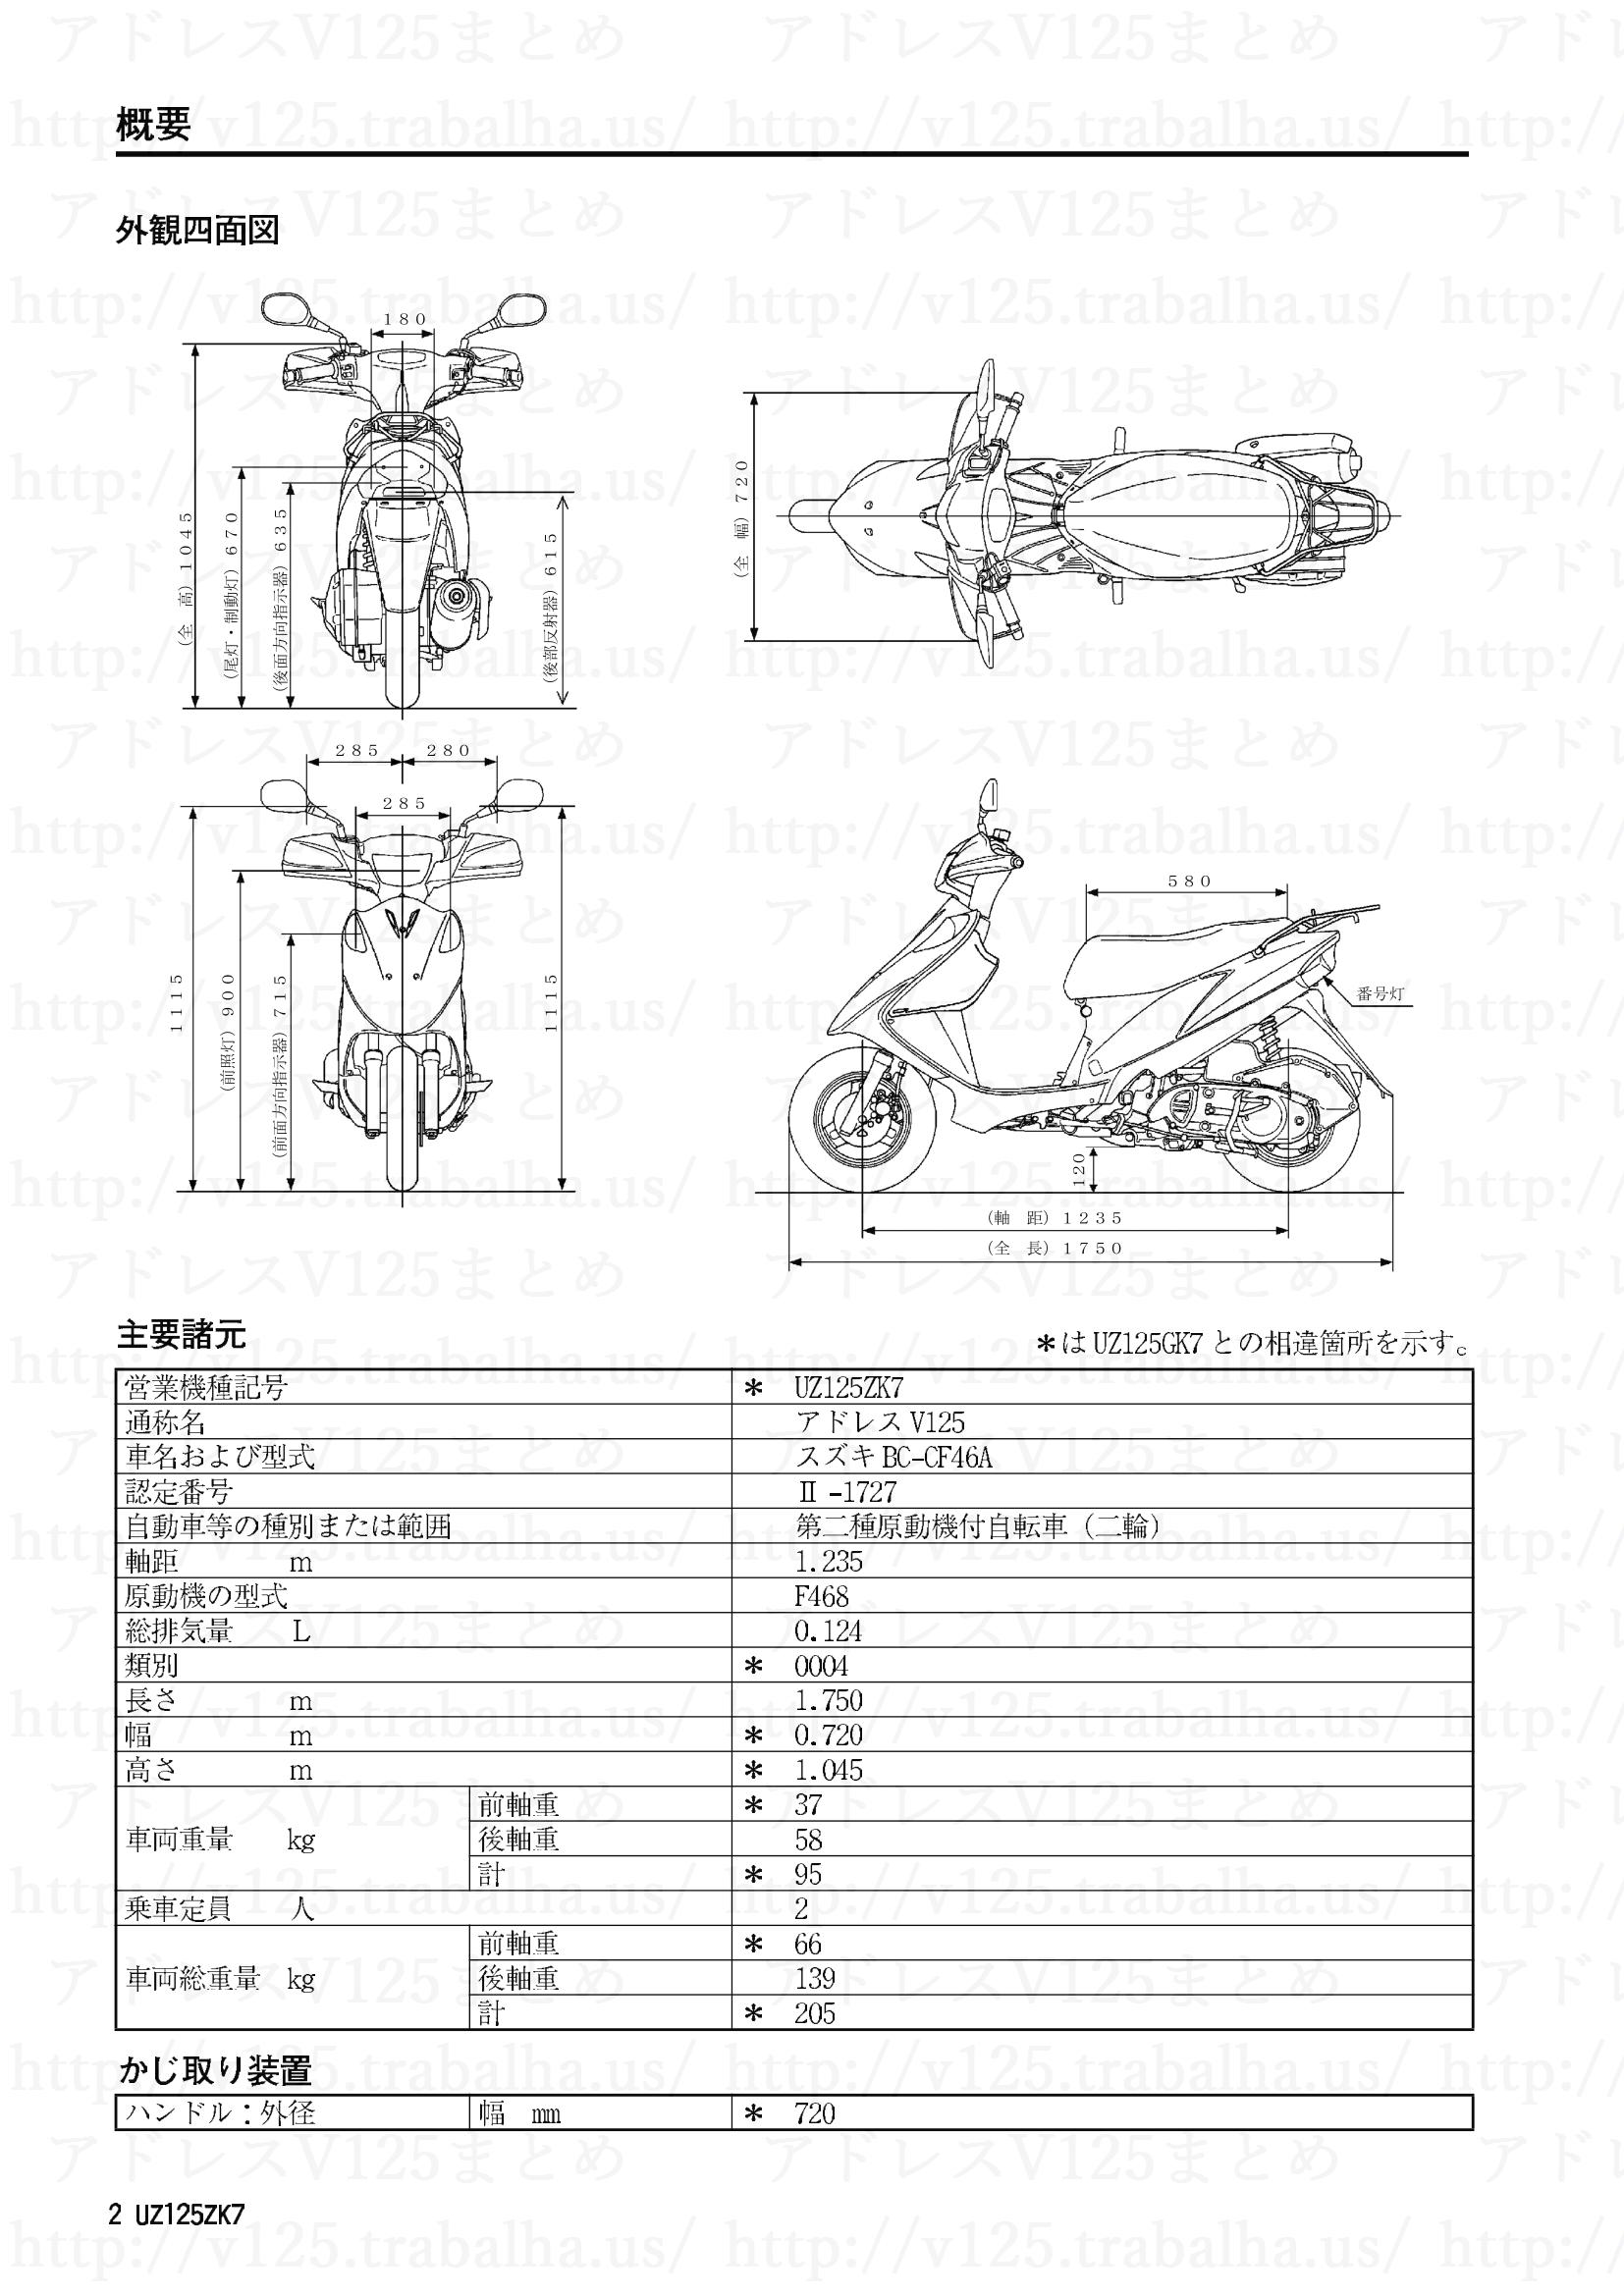 追補【UZ125ZK7】旧モデルとの主な相違点2